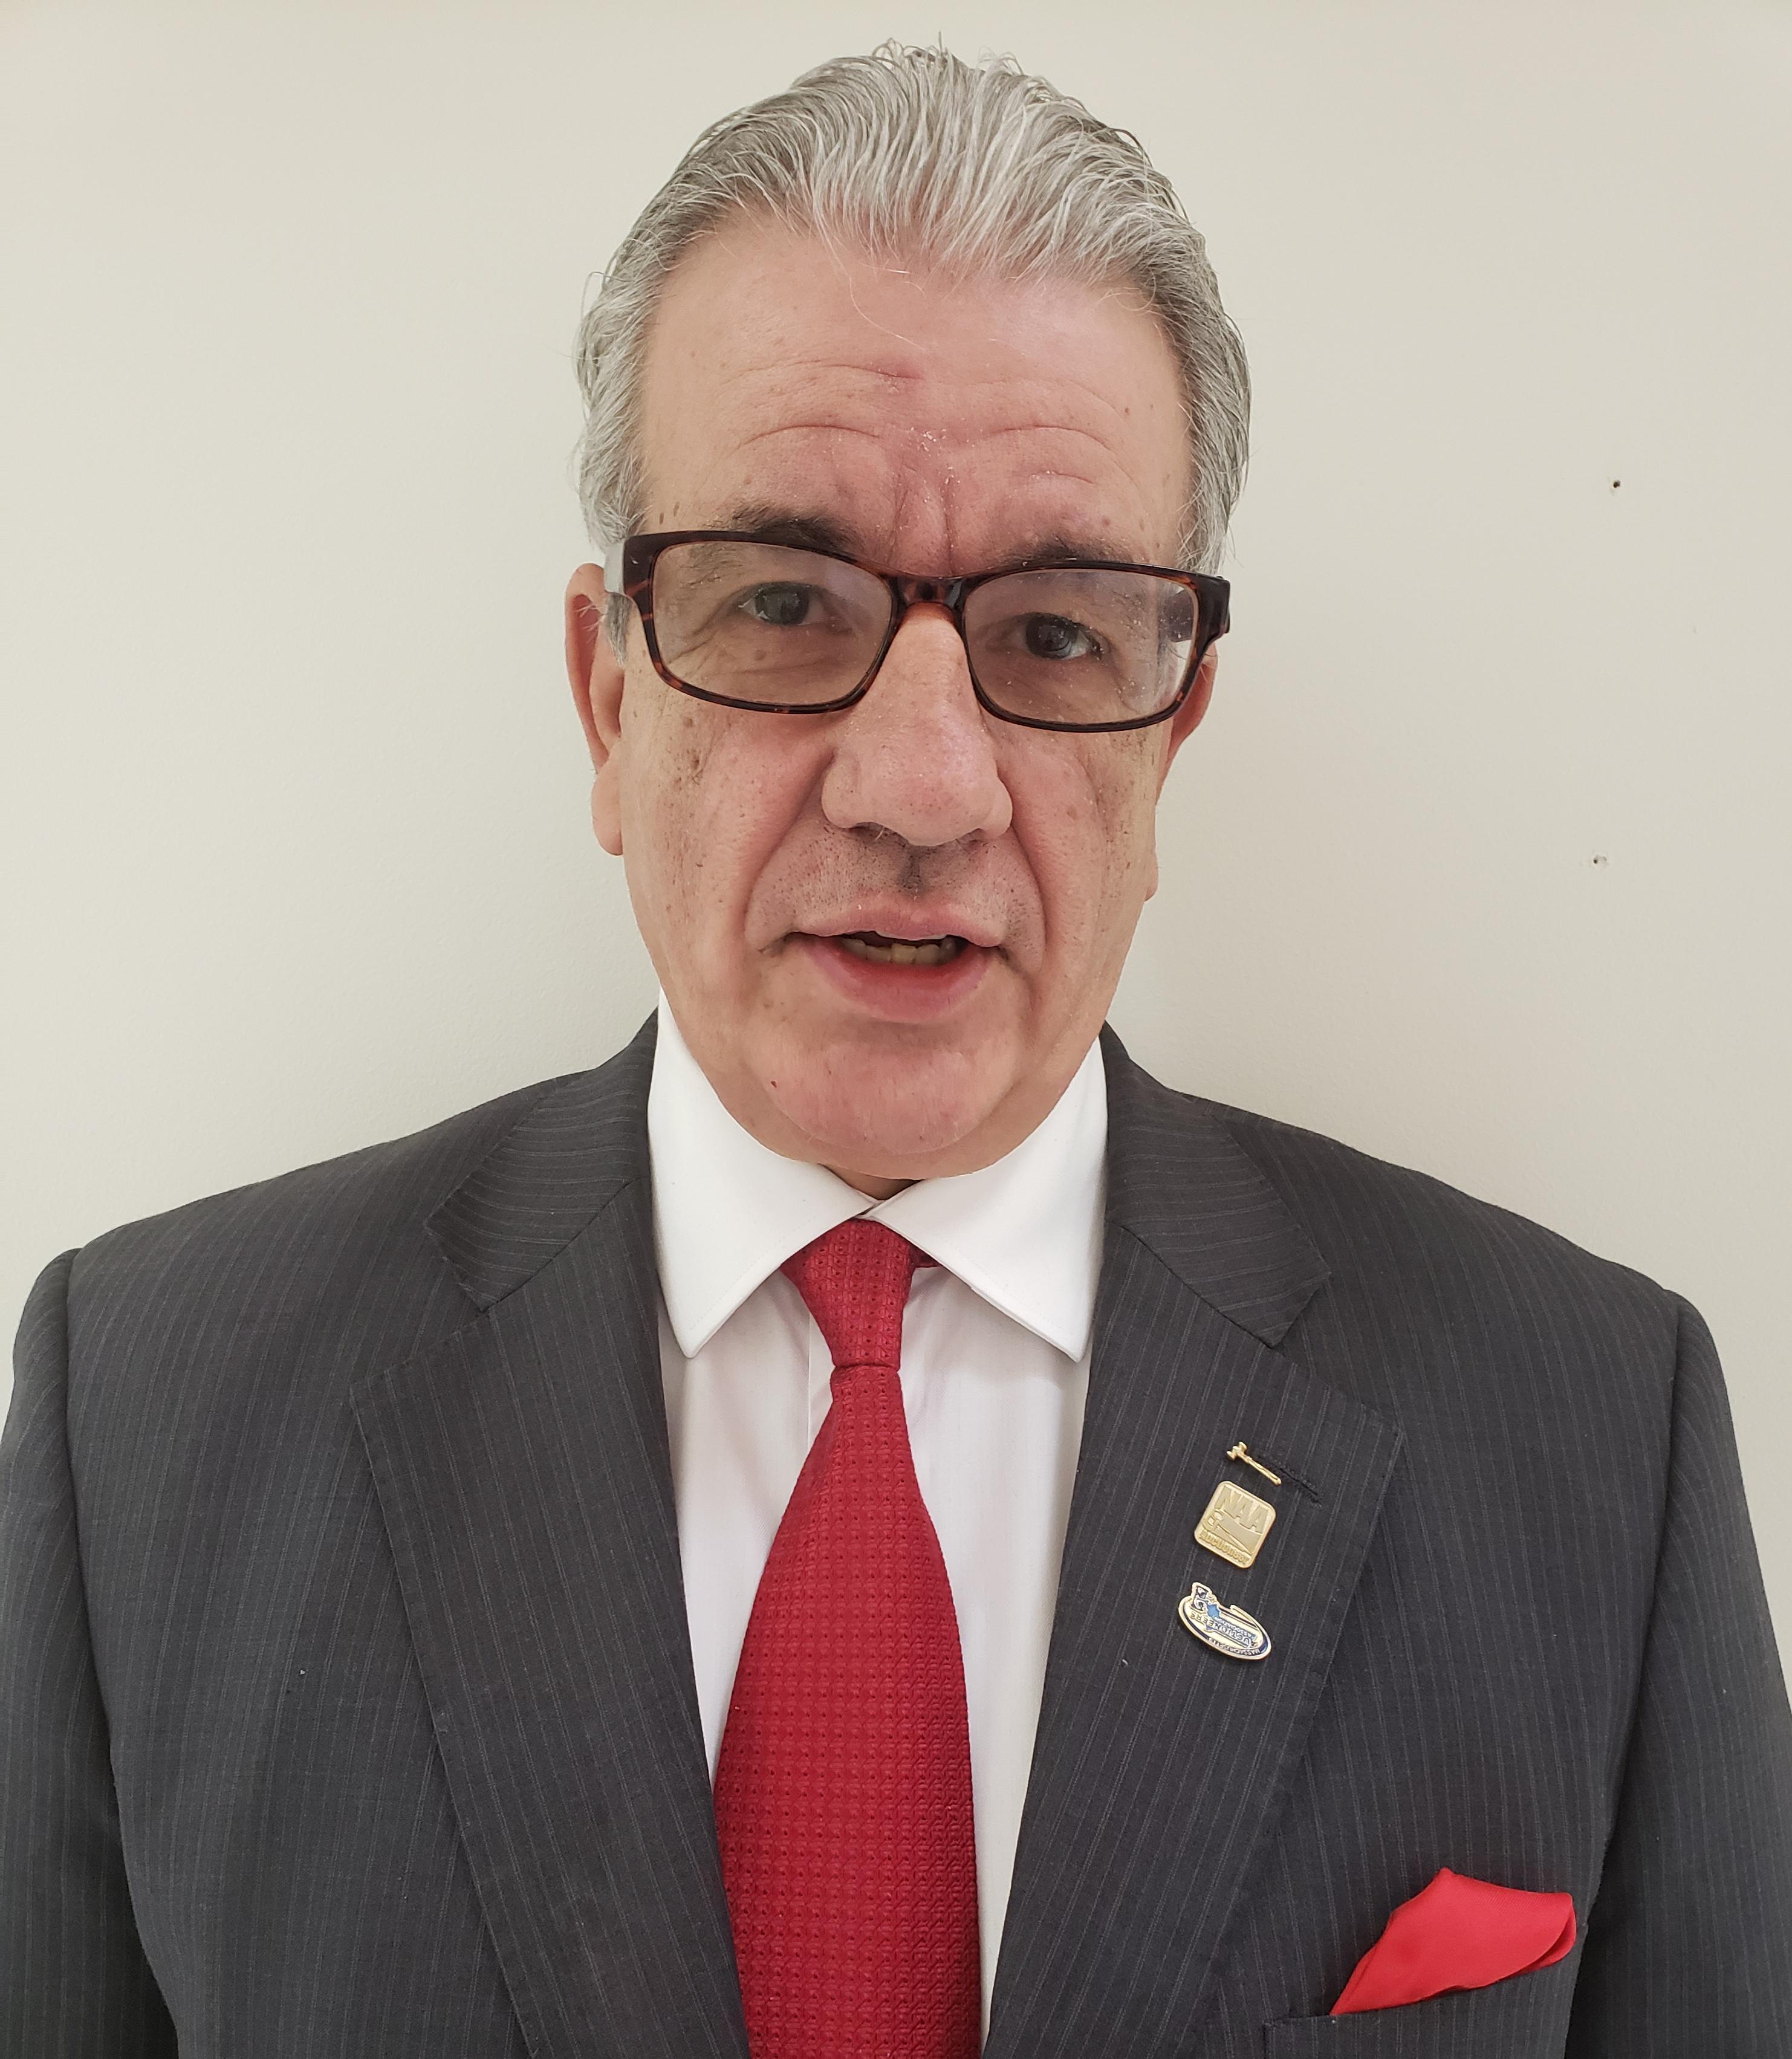 Lou Gonzaga